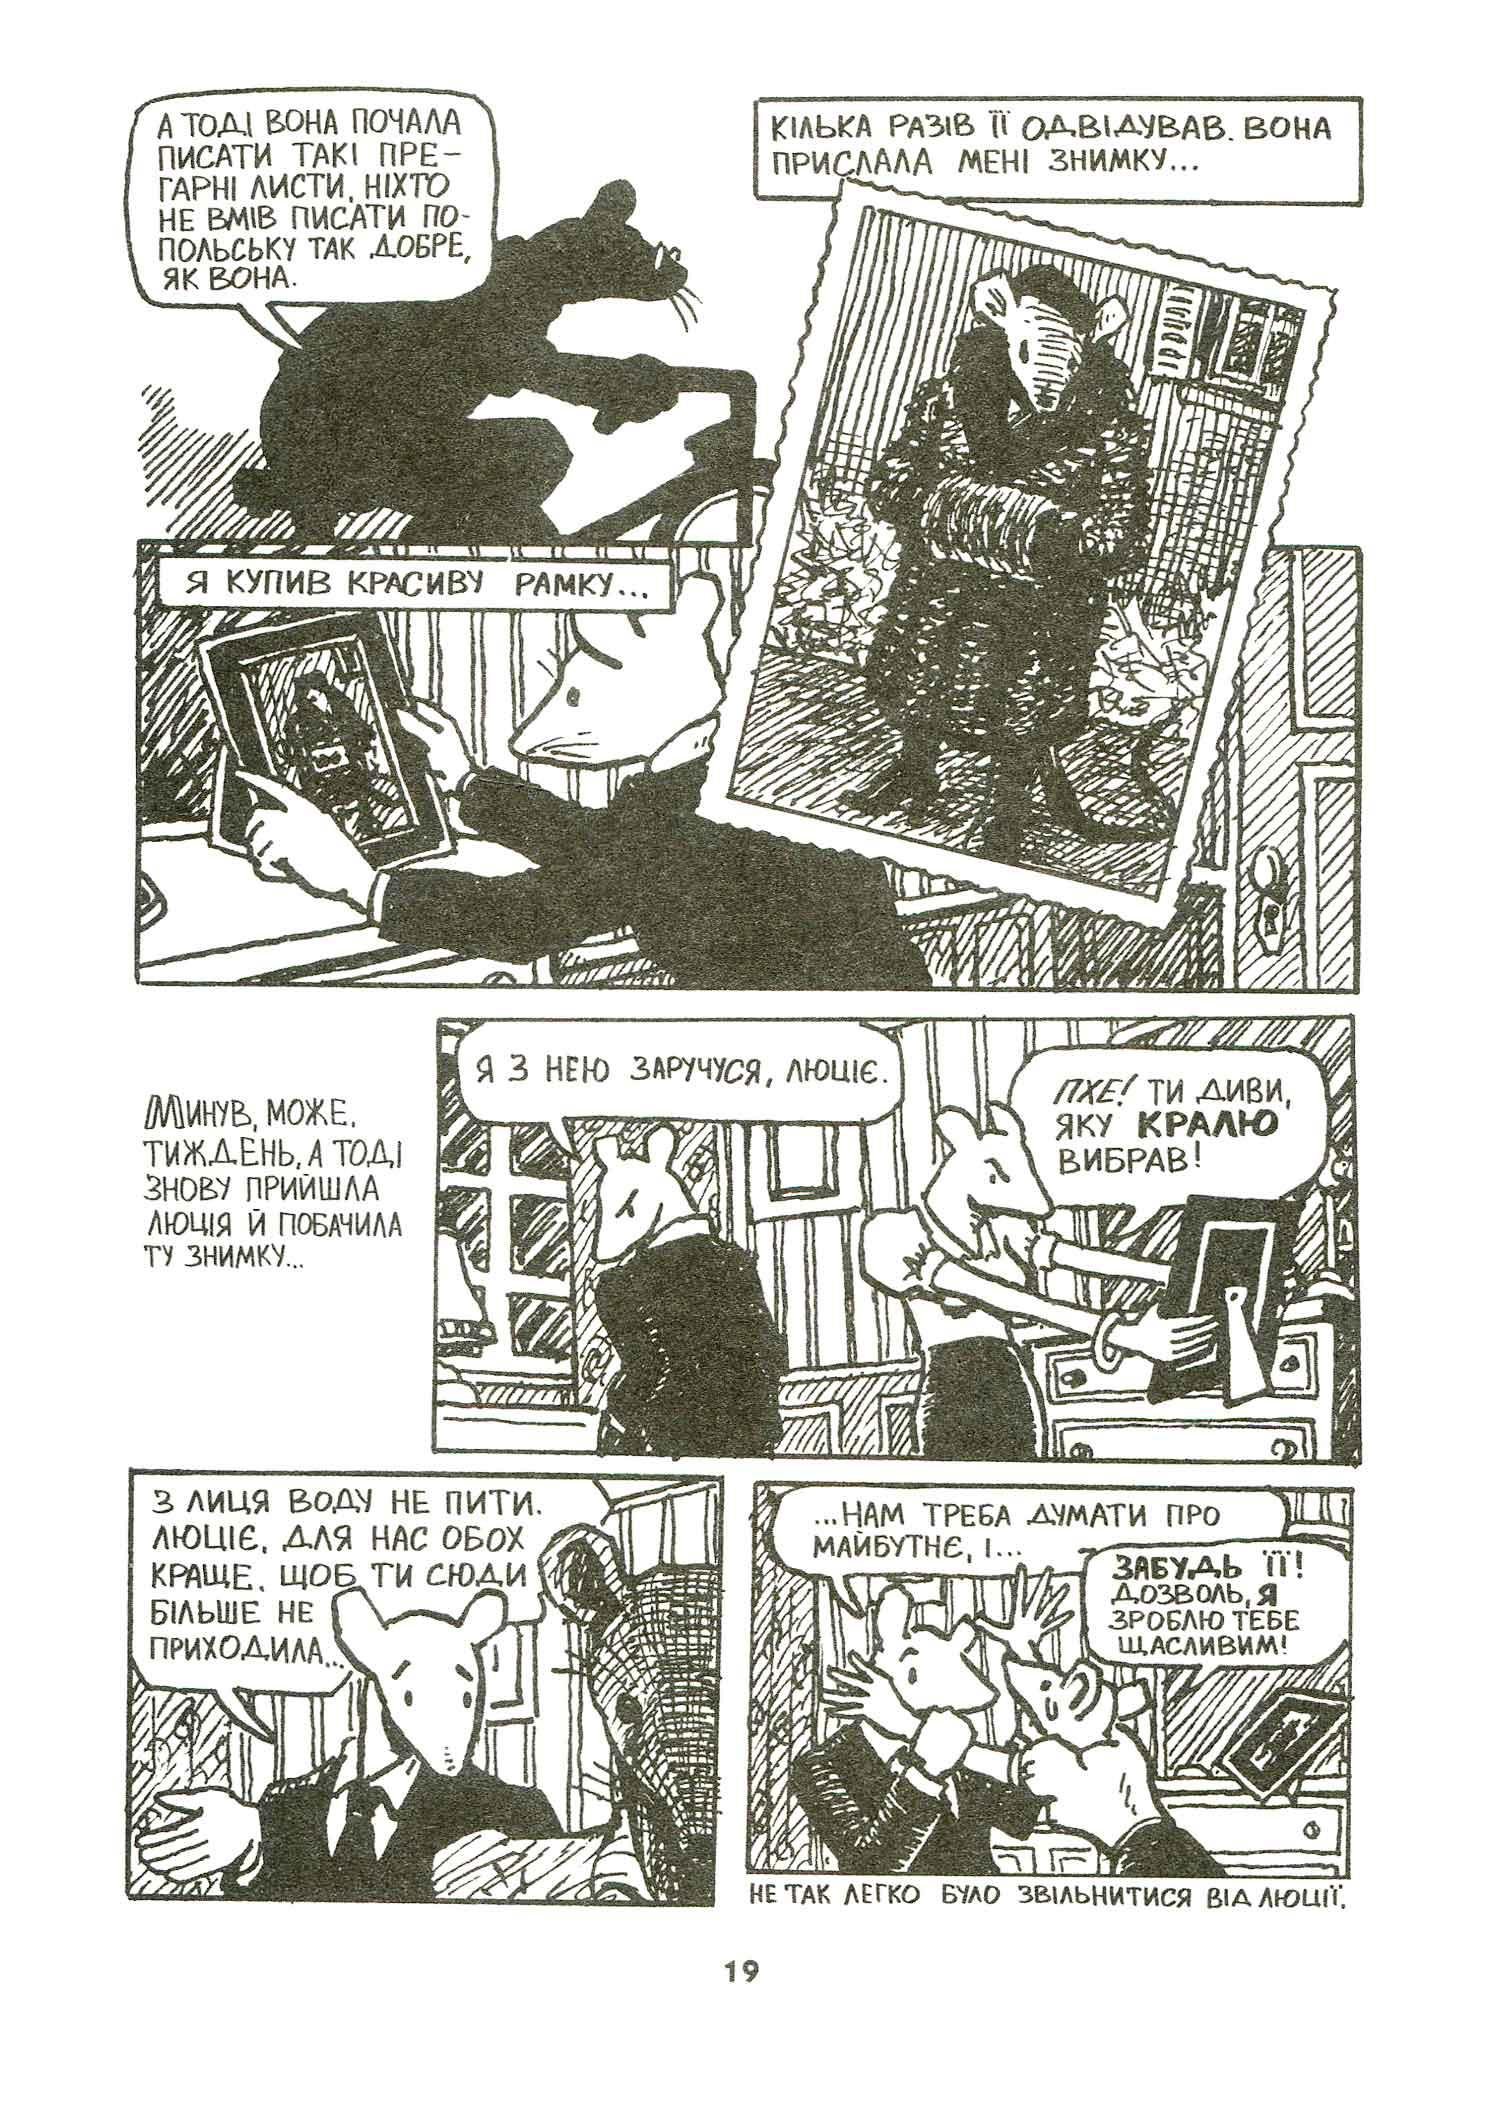 mouse 03 - <b>«Весна в Чорнобилі», «Блайндмен», «Жіноча праця» та інші комікси</b> — огляд найцікавіших графічних новел - Заборона